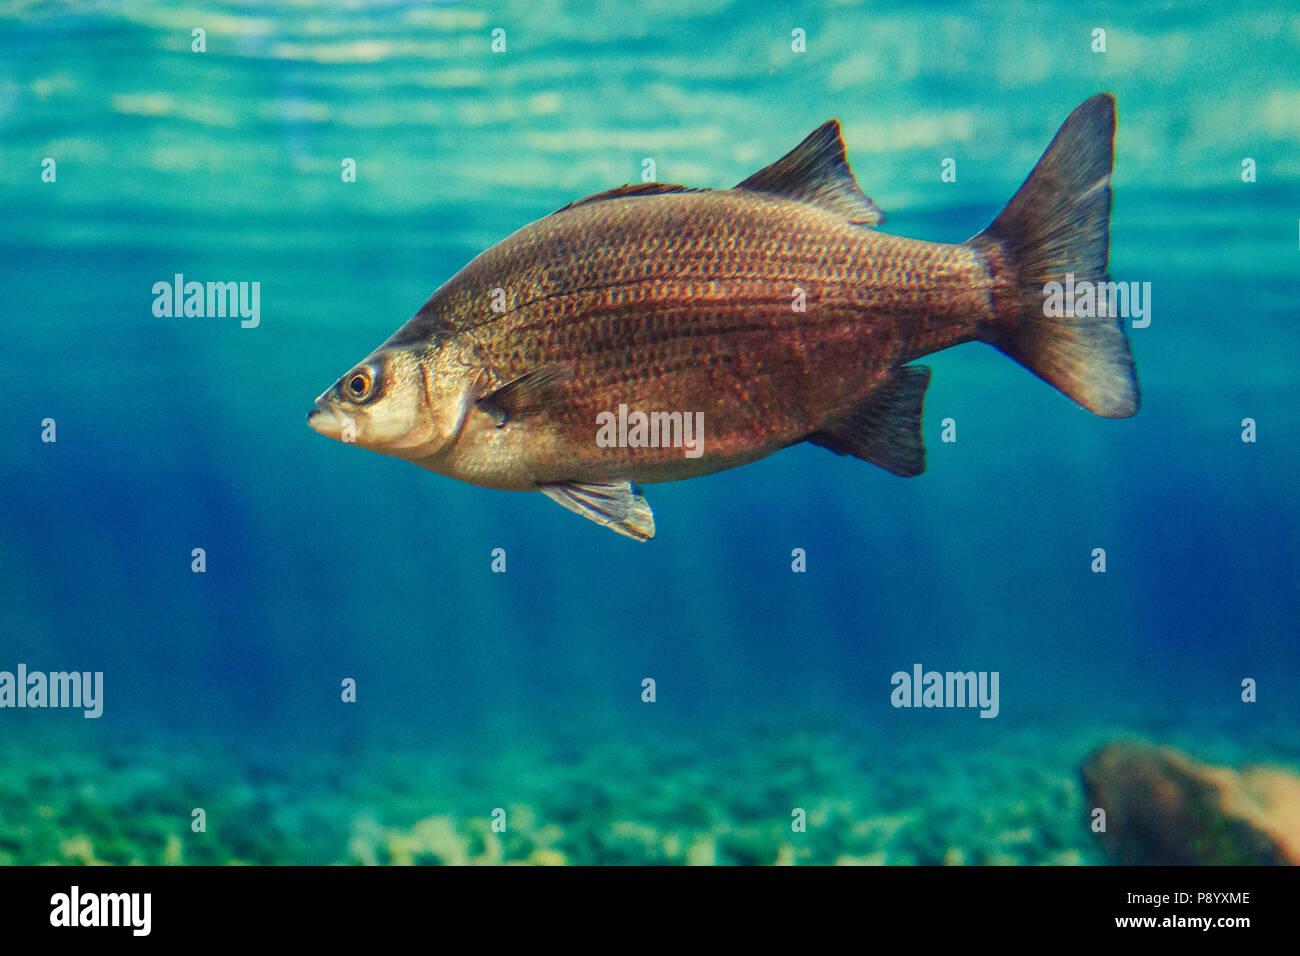 Uno rosso giallo di pesci di grandi dimensioni in acqua blu, colorato mondo subacqueo, copyspace per testo e sfondo Immagini Stock